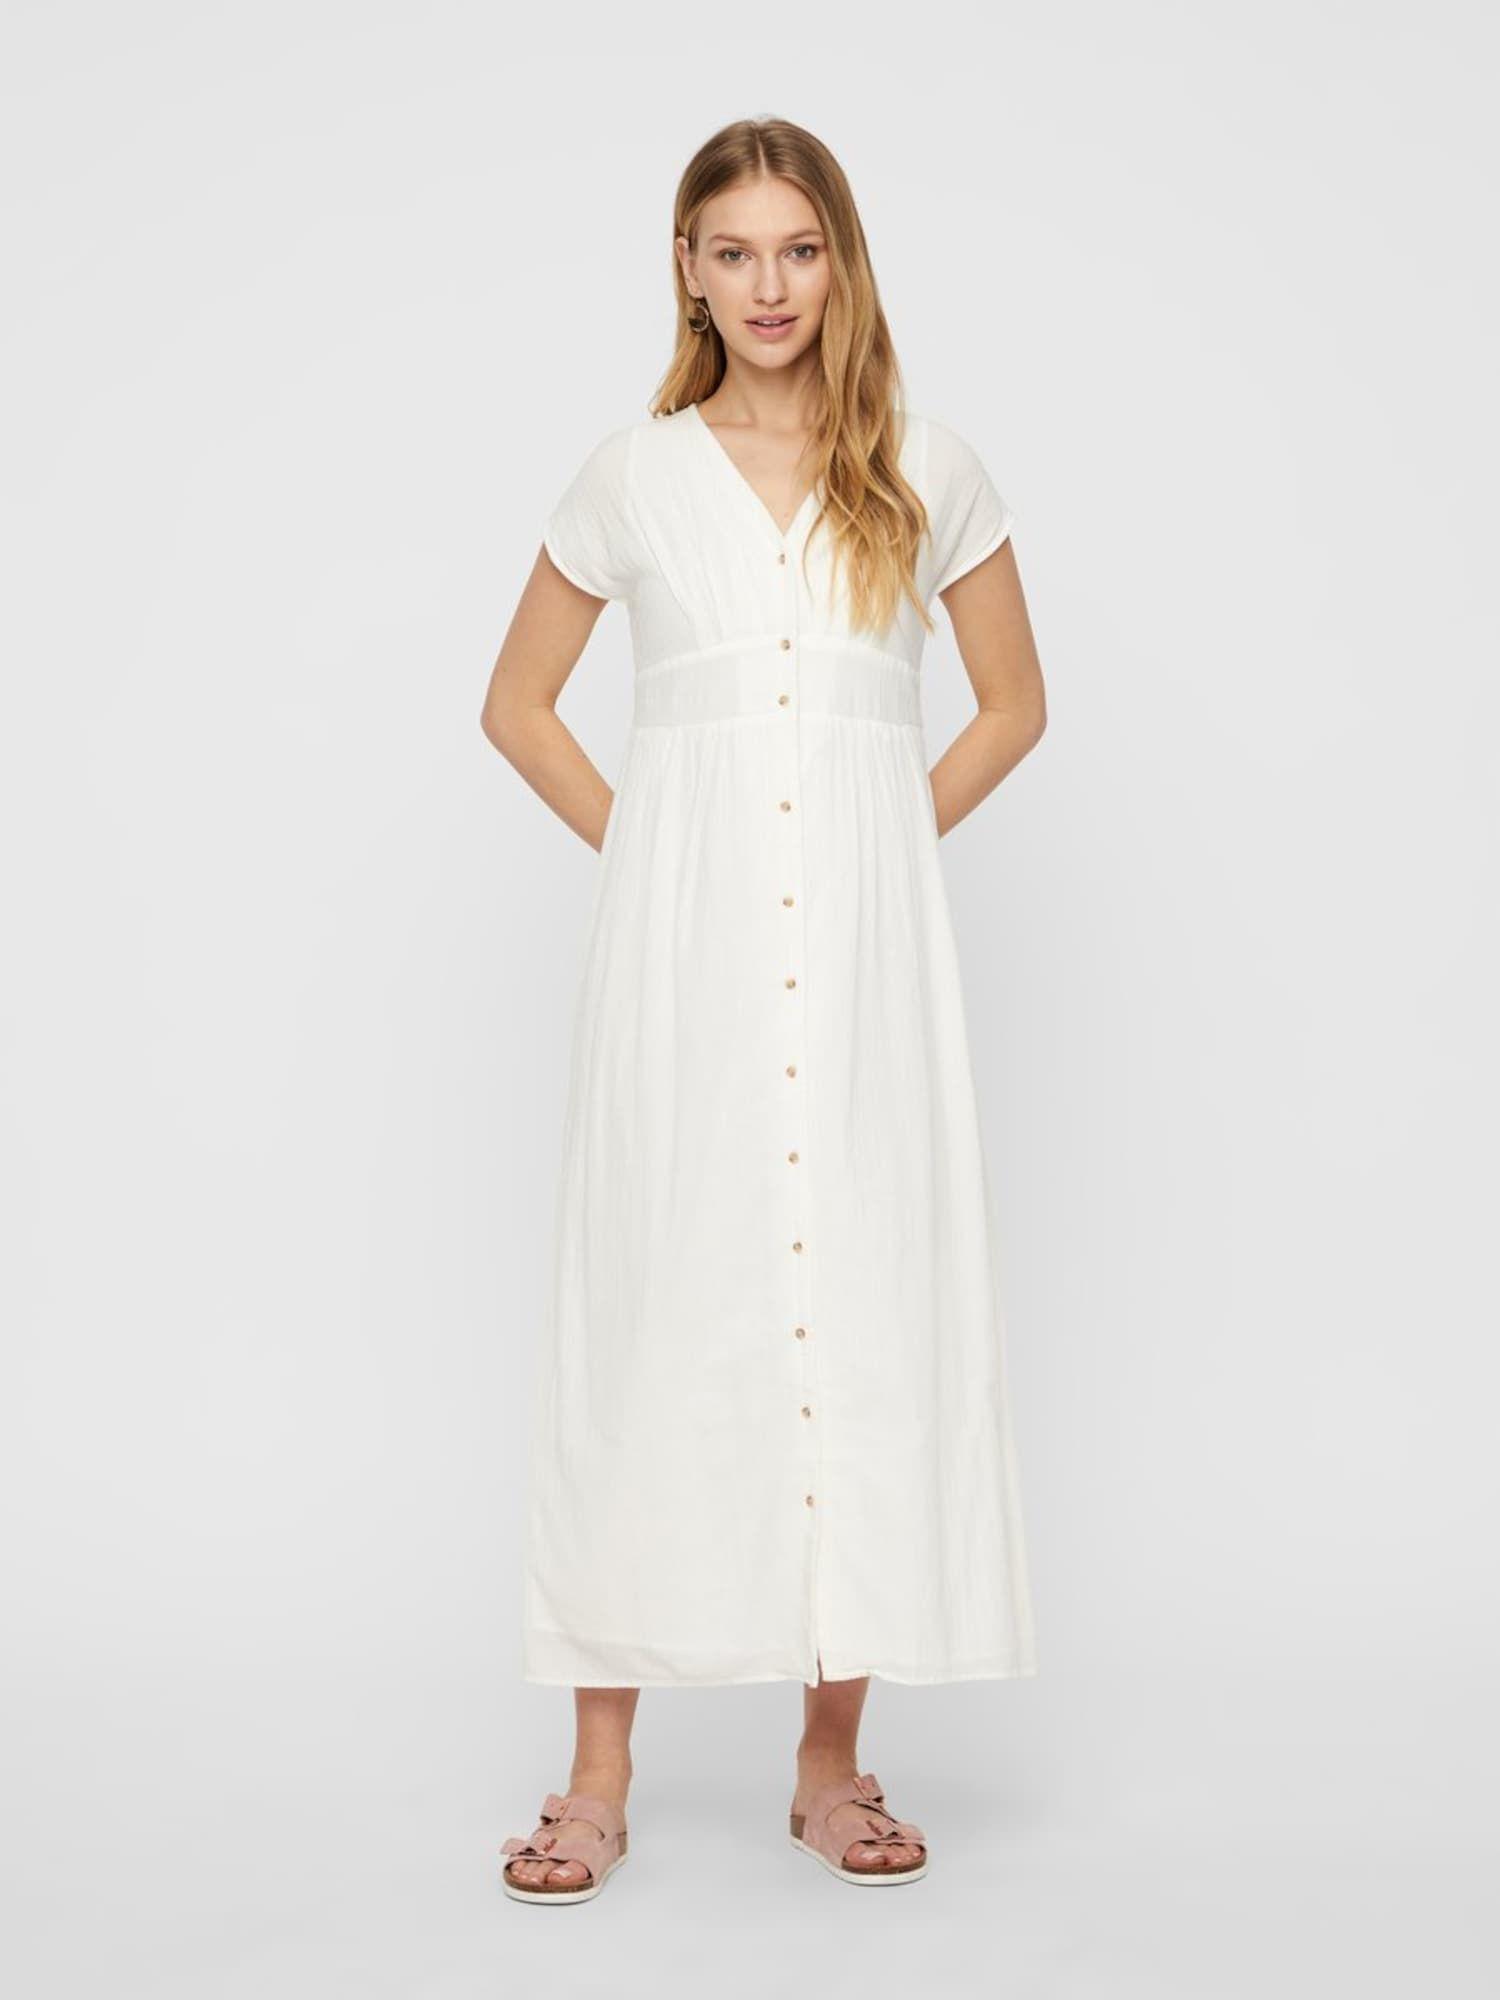 Designer Schön Abendkleid Vero Moda Bester PreisFormal Coolste Abendkleid Vero Moda Vertrieb